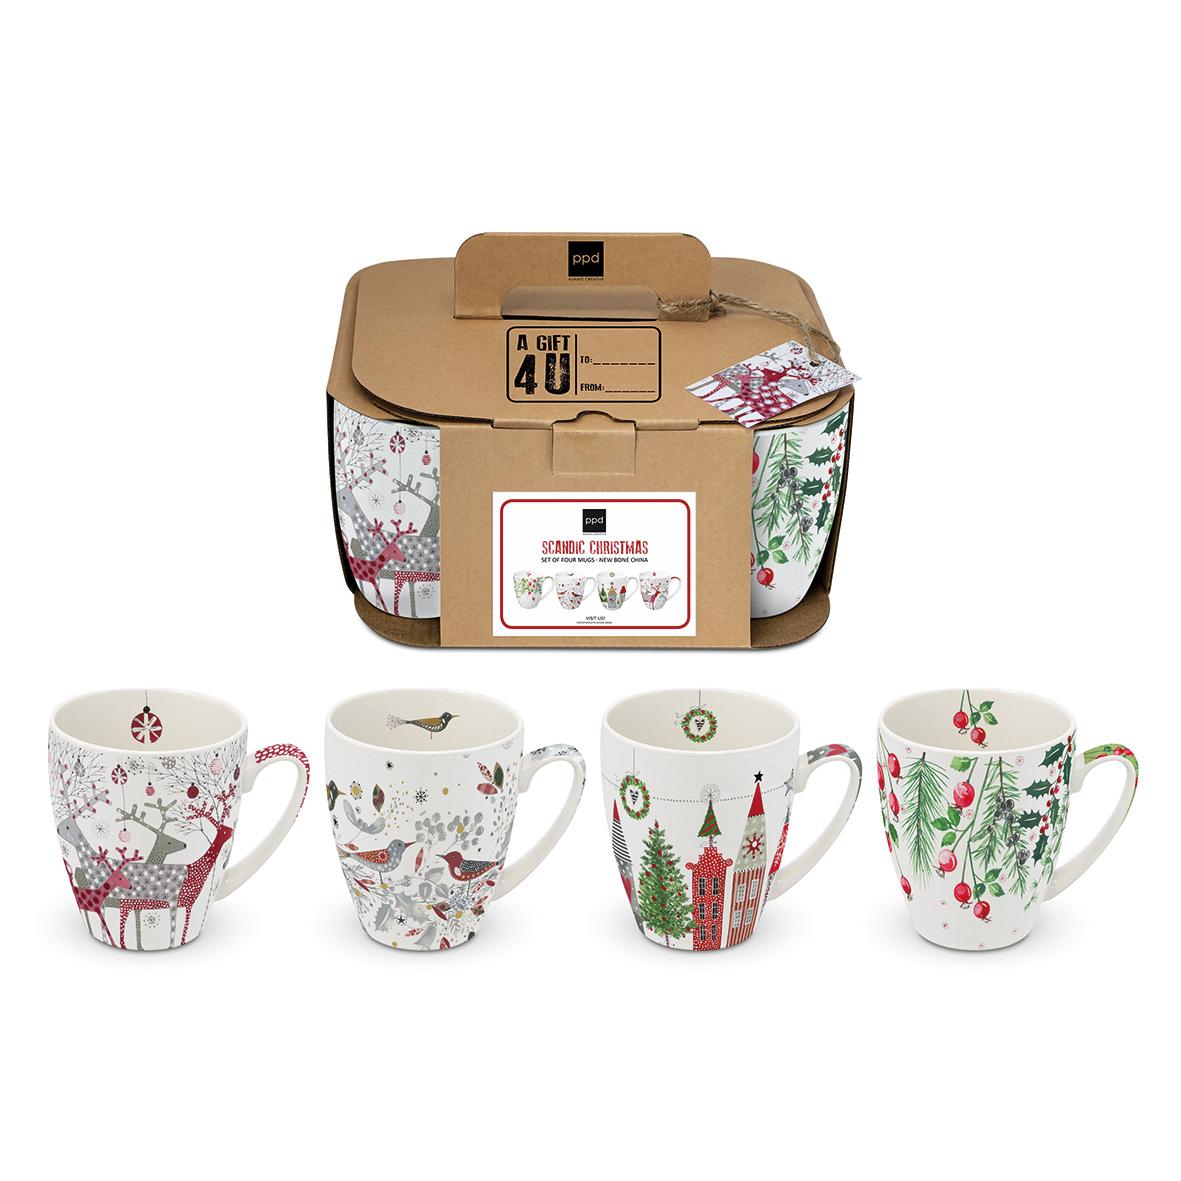 Scandic Christmas 4 Mug Set